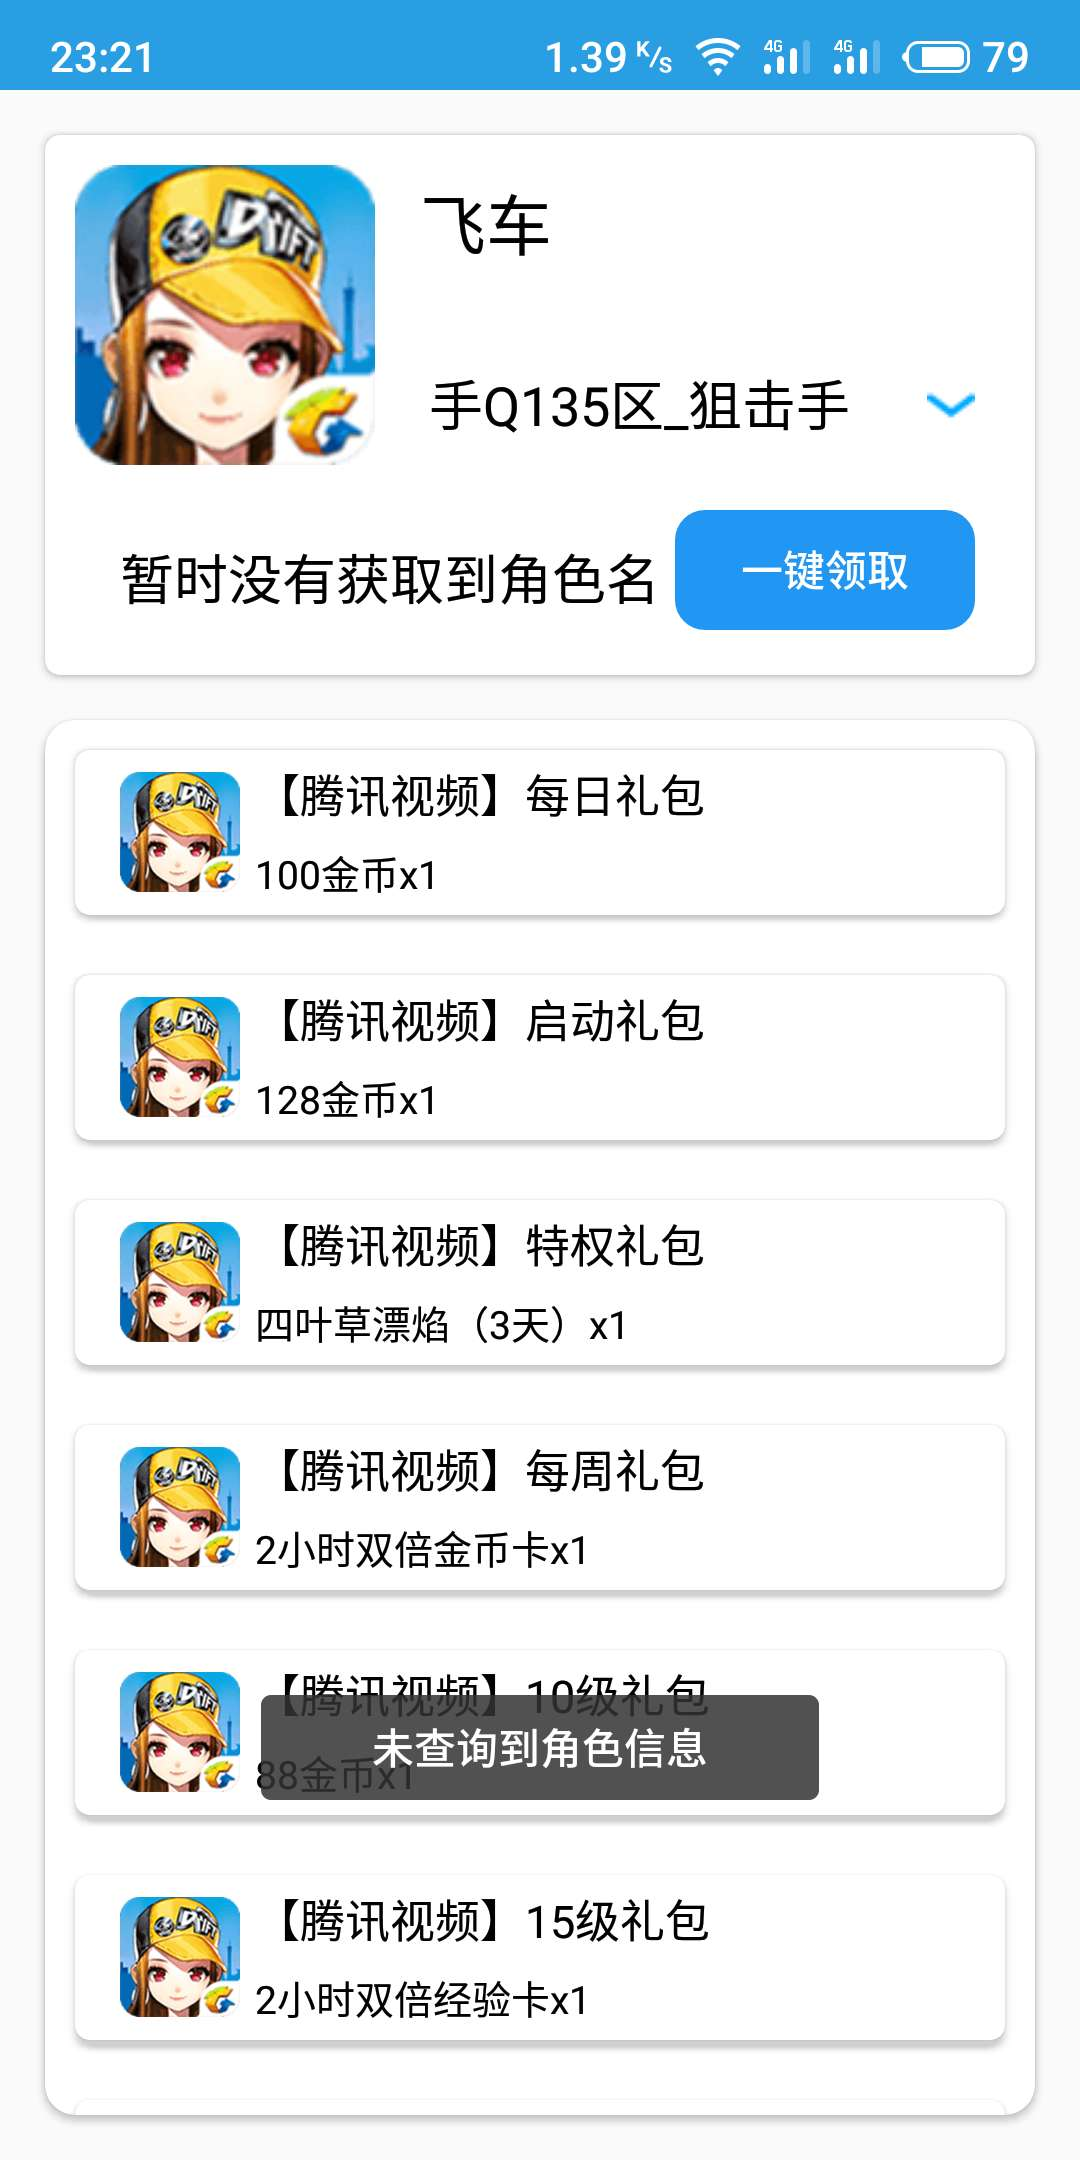 【分享】多功能活动助手    仓库满装备是不是特别爽?-爱小助